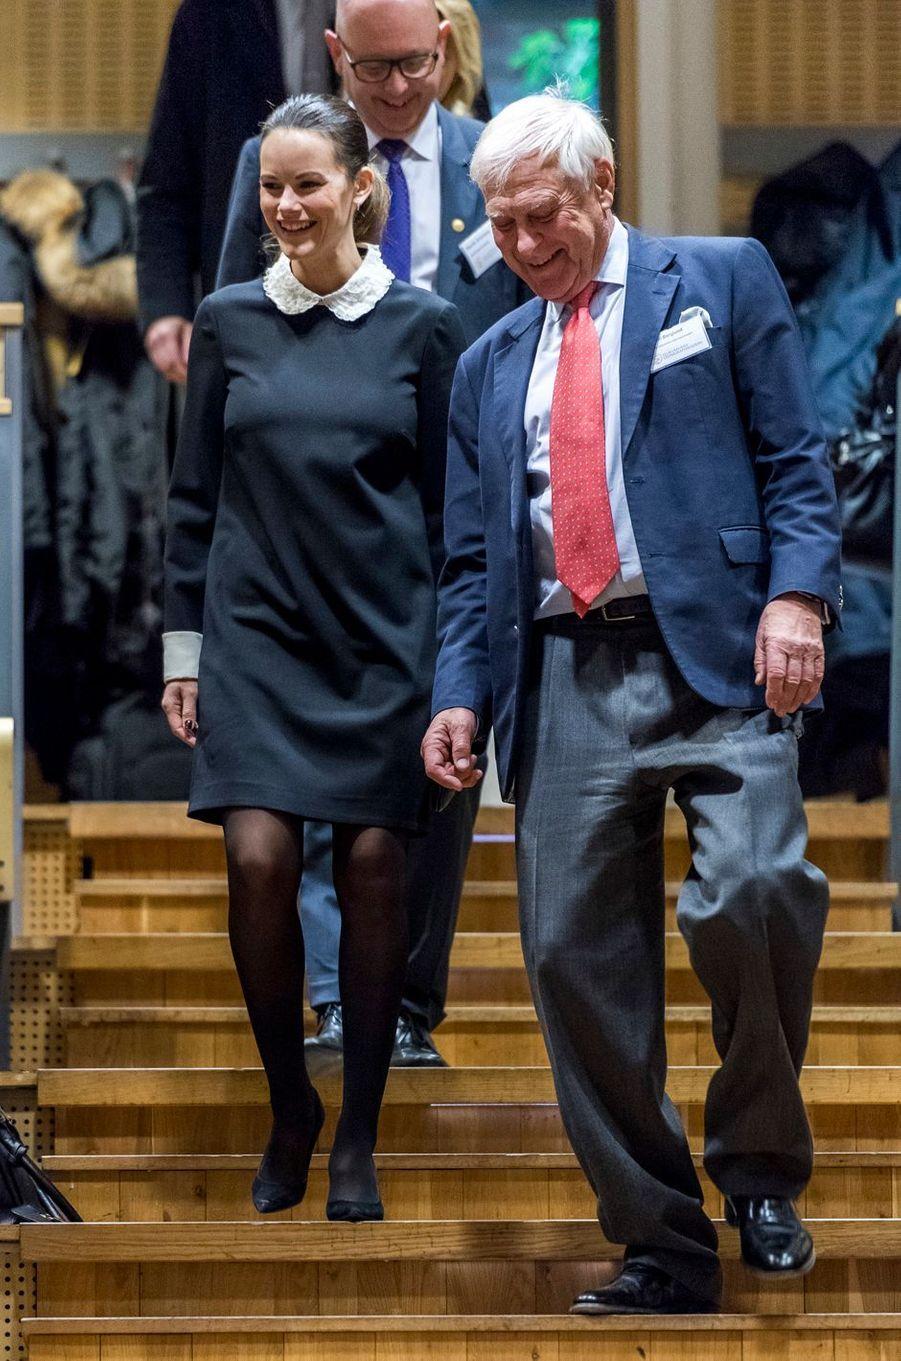 La princesse Sofia de Suède, née Hellqvist, arrive au Karolinska Institutet à Solna, le 6 décembre 2016